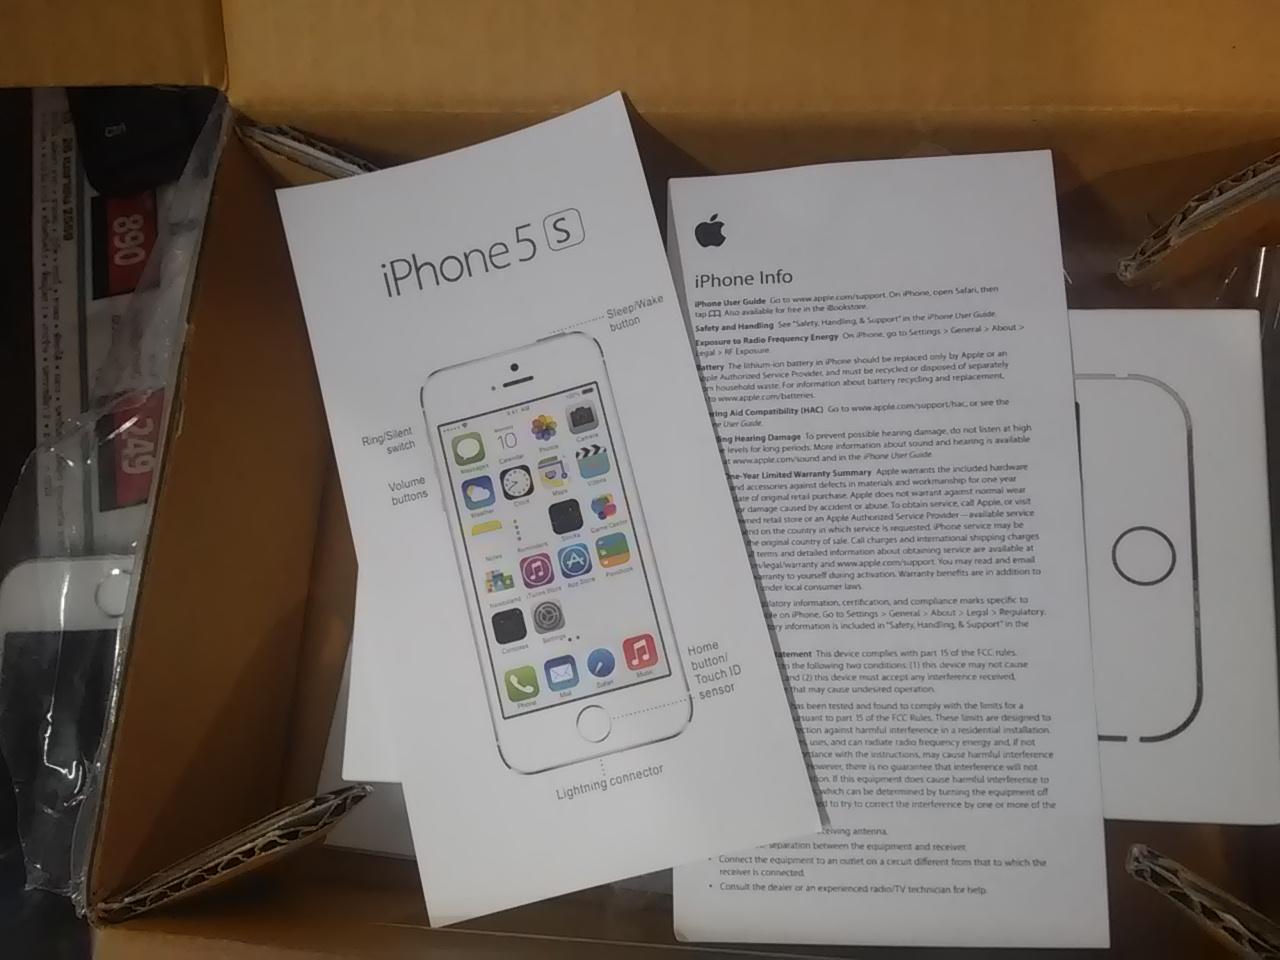 Iphone 5s Refurbished Lazada